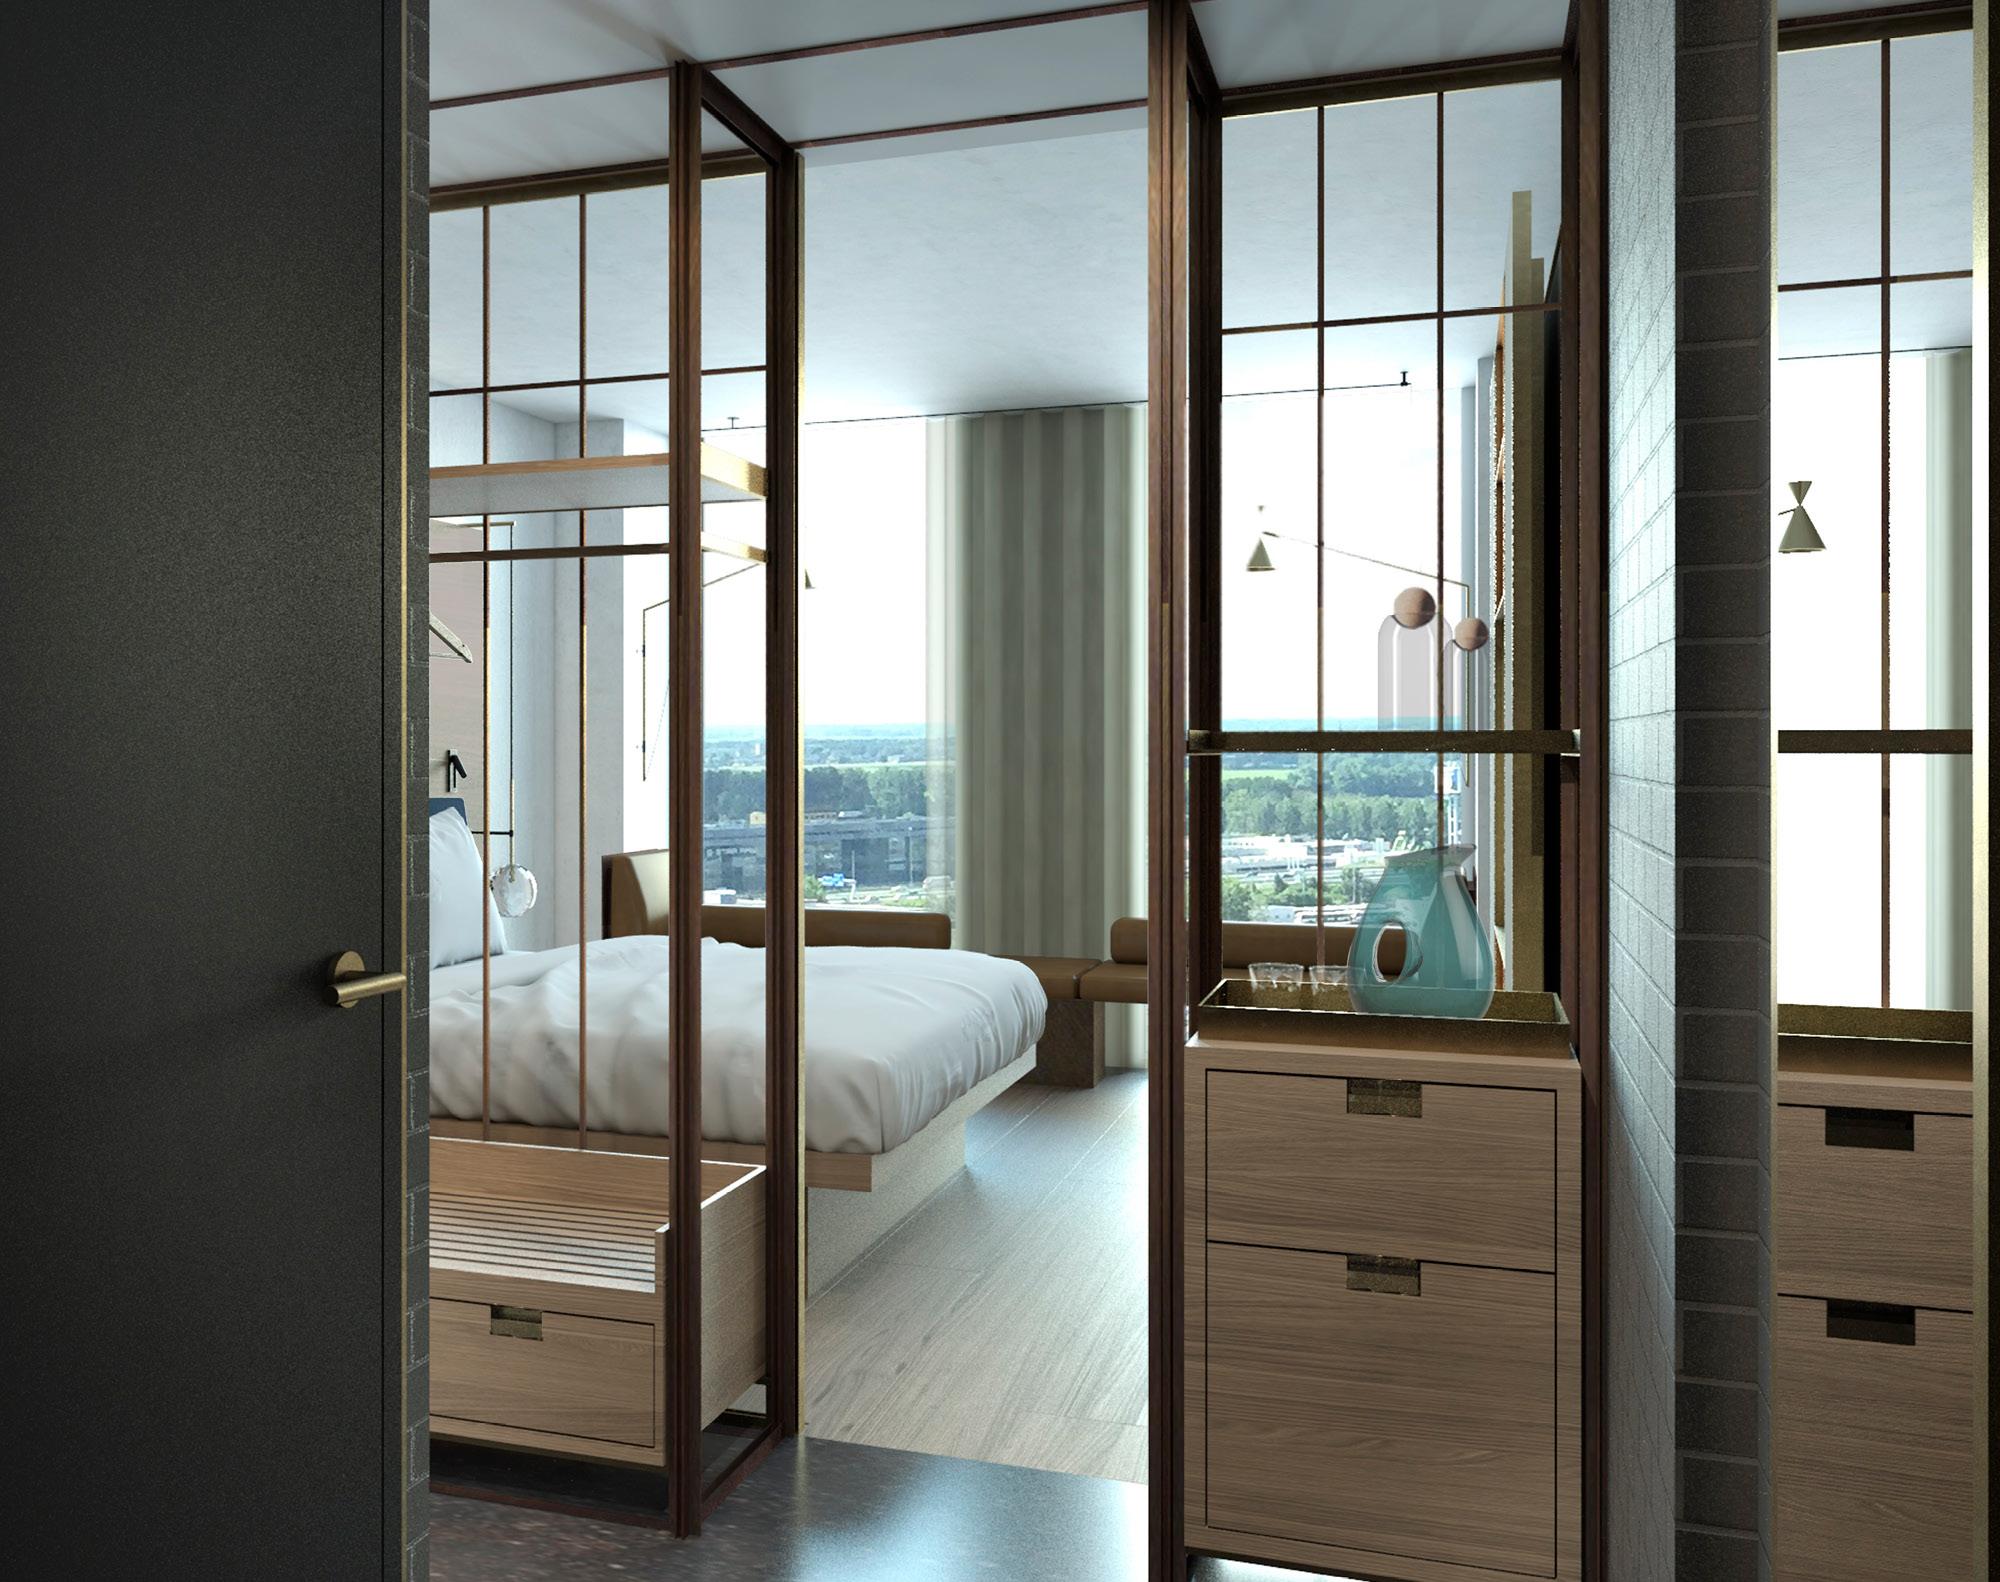 <p>De hotelkamers, ontworpen door Conran and Partners, hebben een indrukwekkend uitzicht. </p>